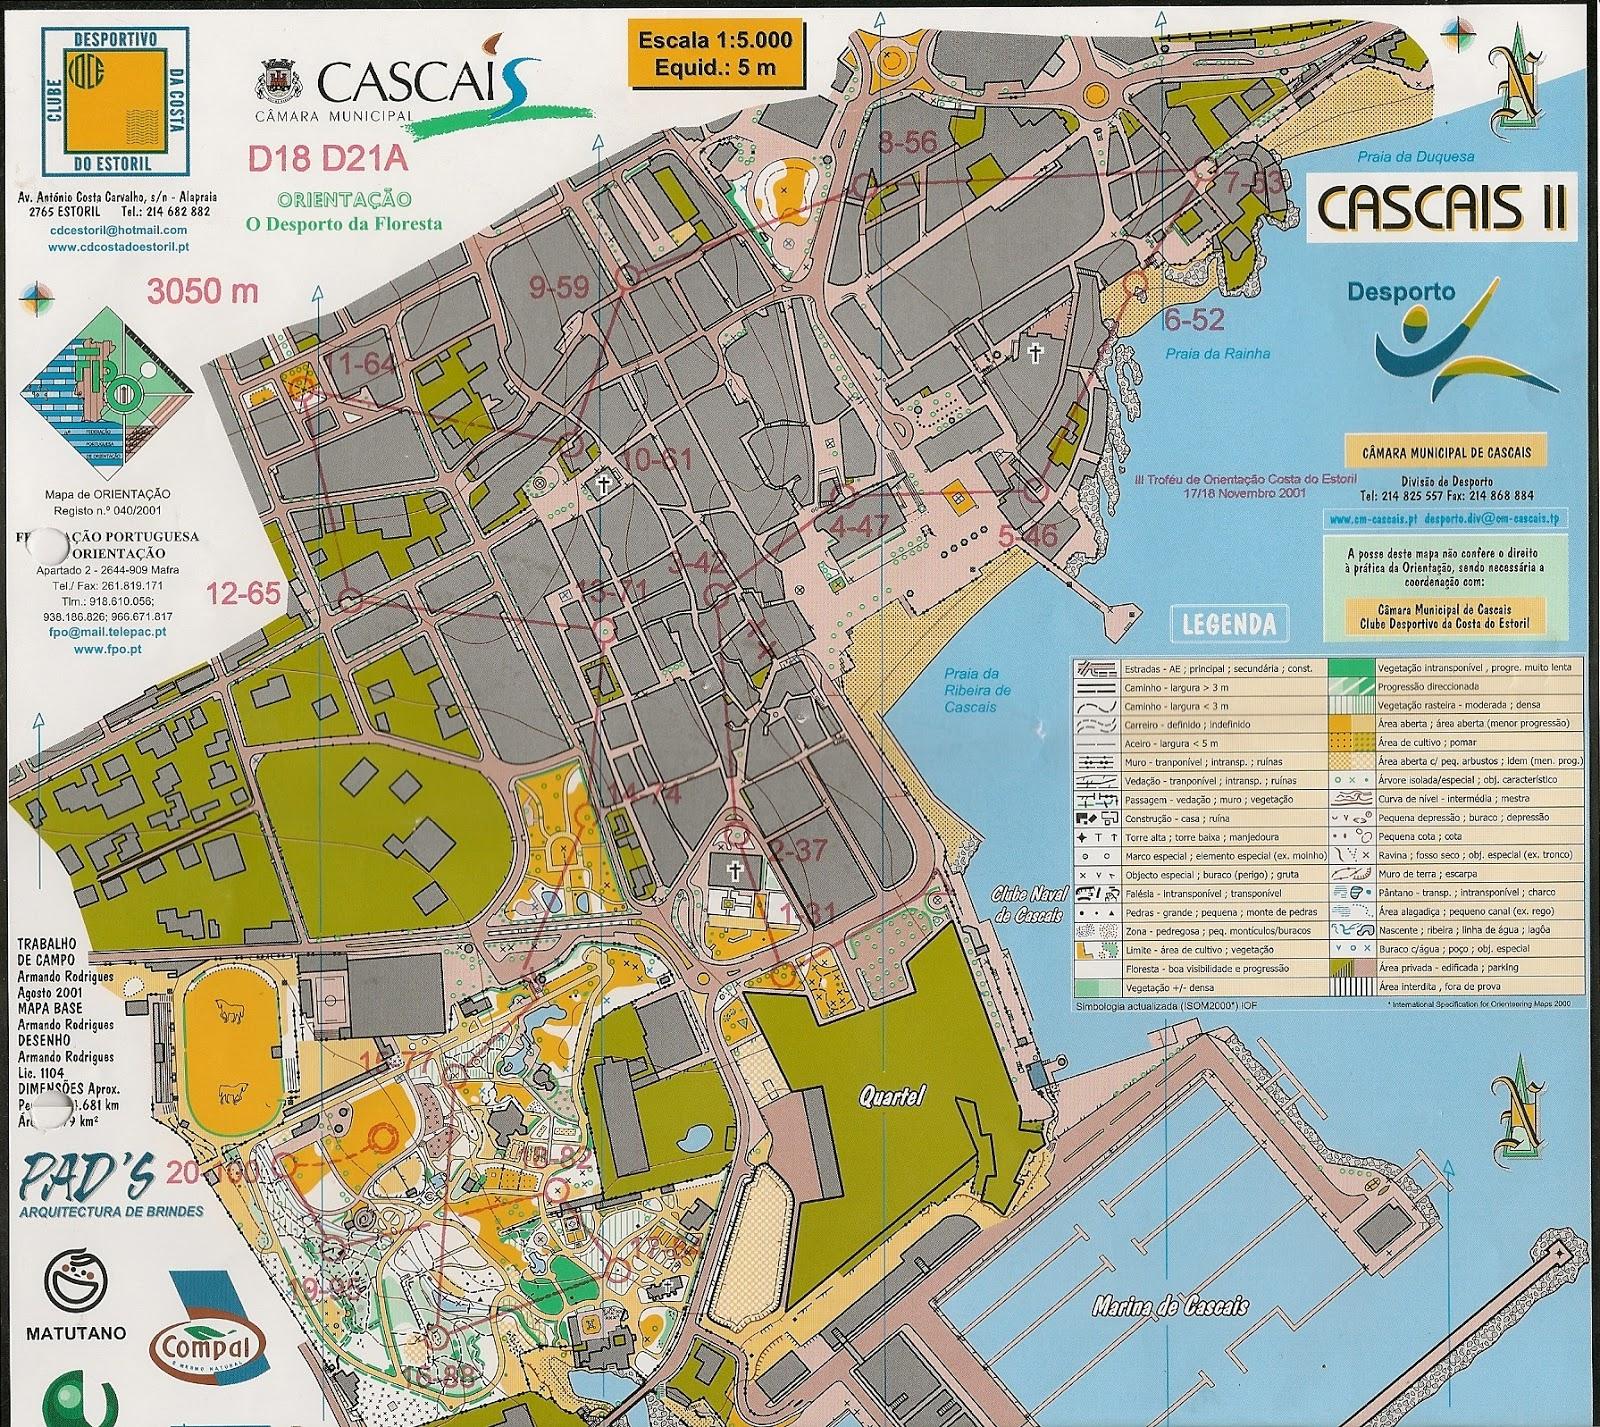 mapa de cascais centro Orienta Bonito: Um Sábado agradável   Cascais mapa de cascais centro